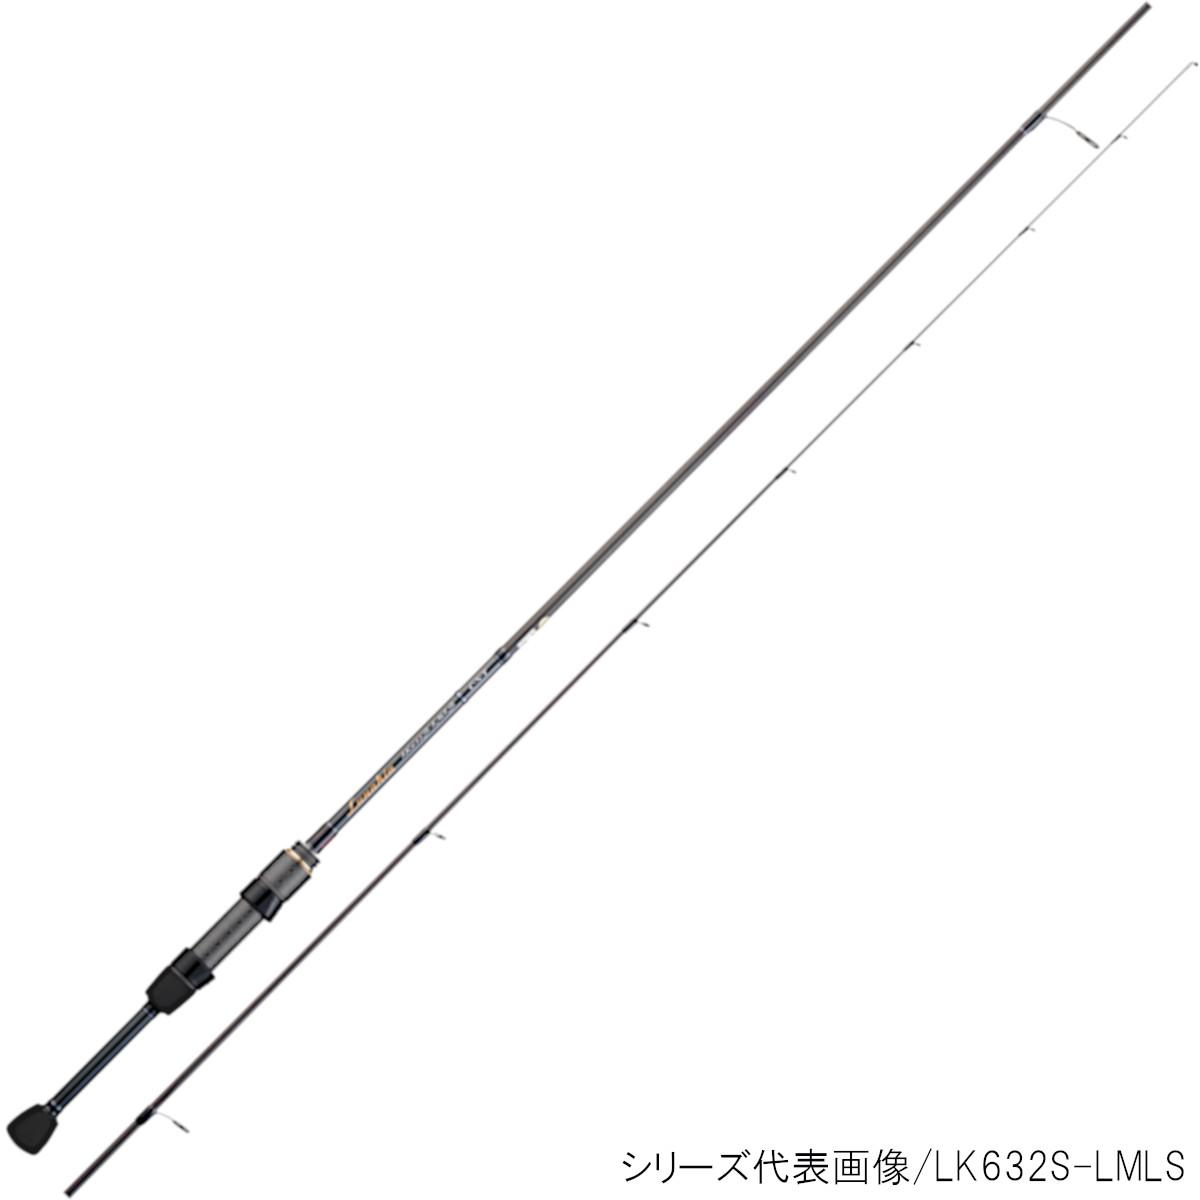 【8日最大8千円オフクーポン!】天龍 ルナキア LK582S-LS